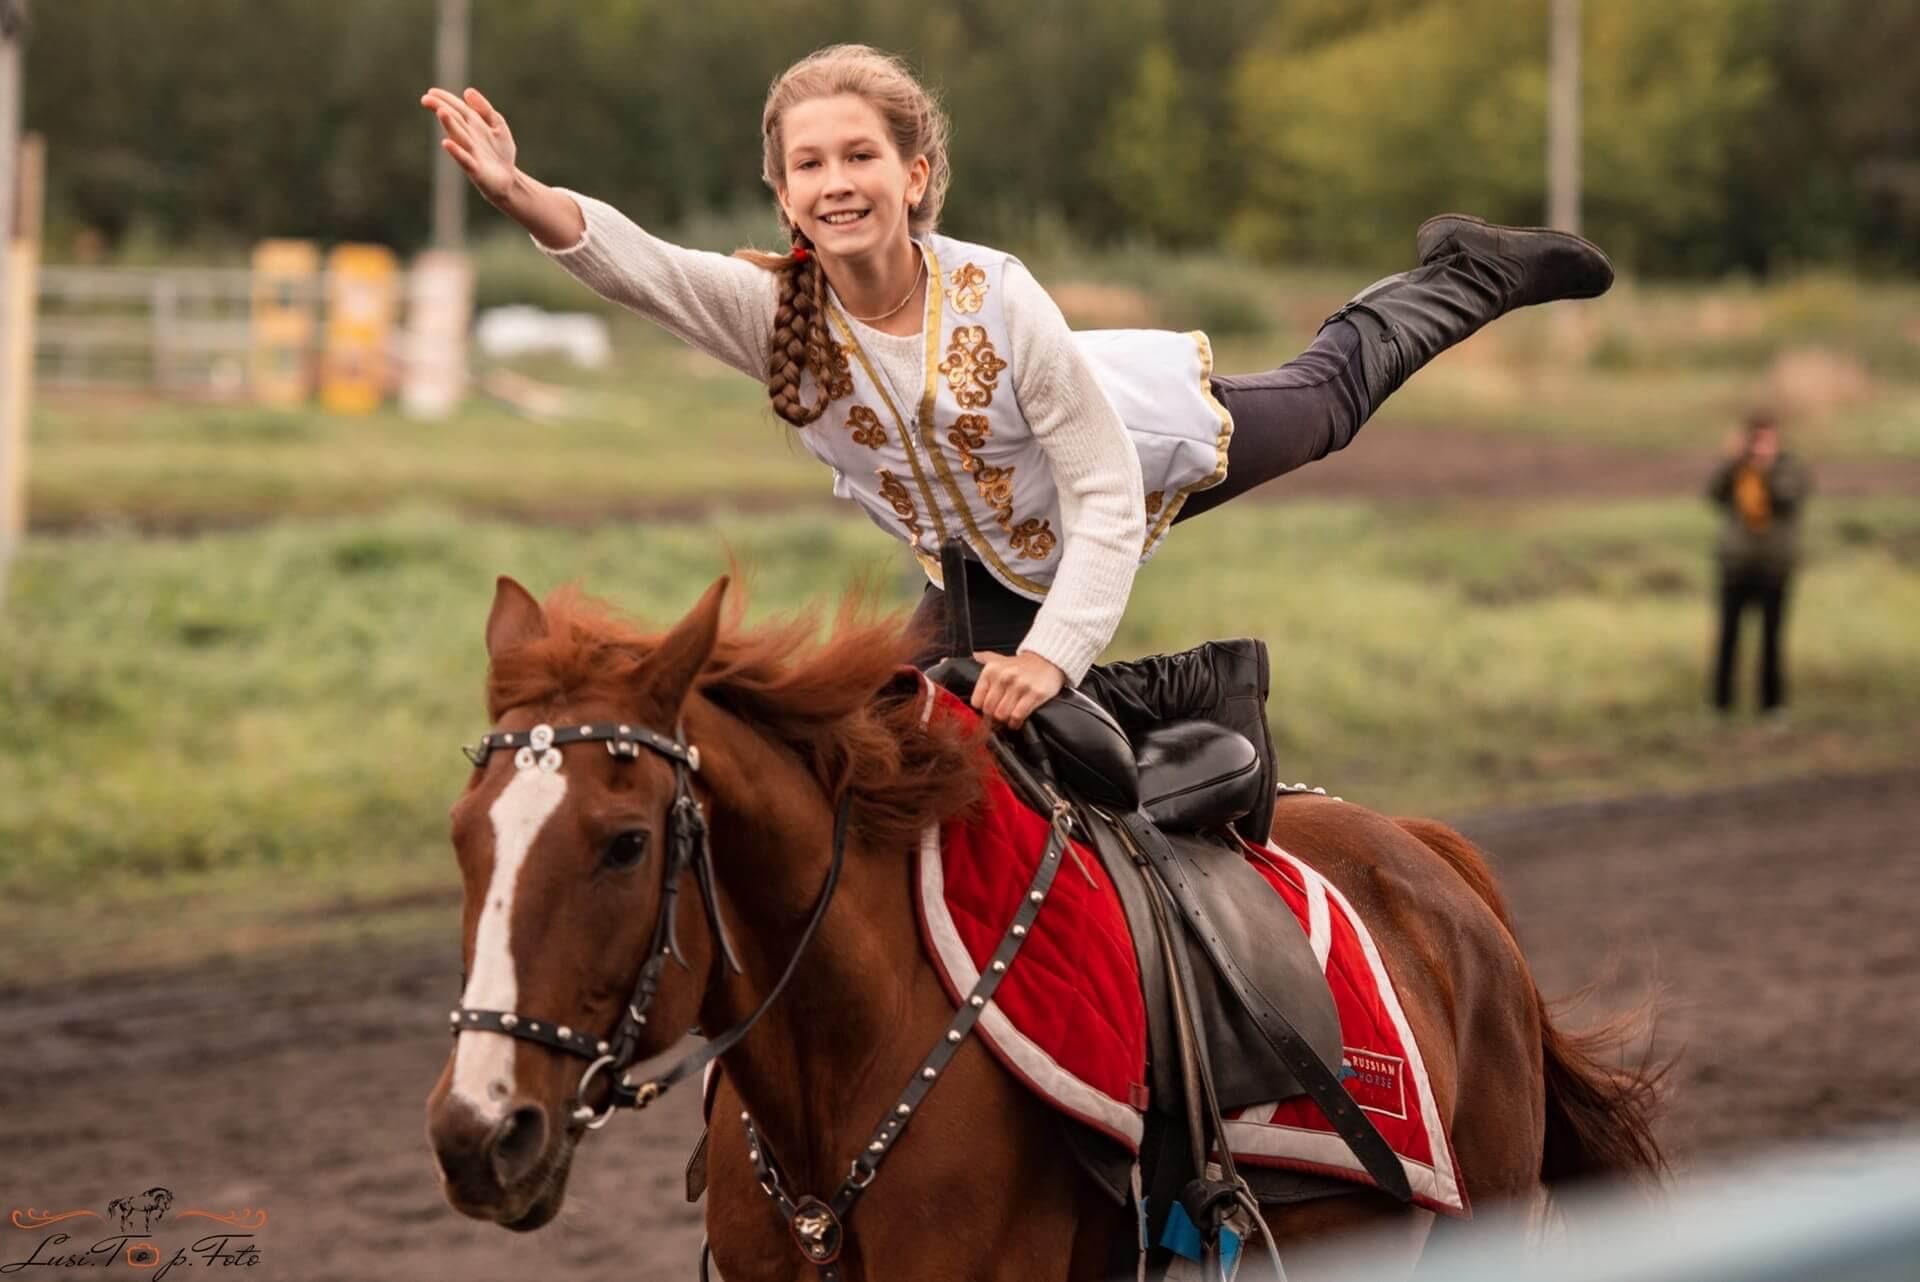 В Твери пройдут соревнования по конно-спортивной джигитовке